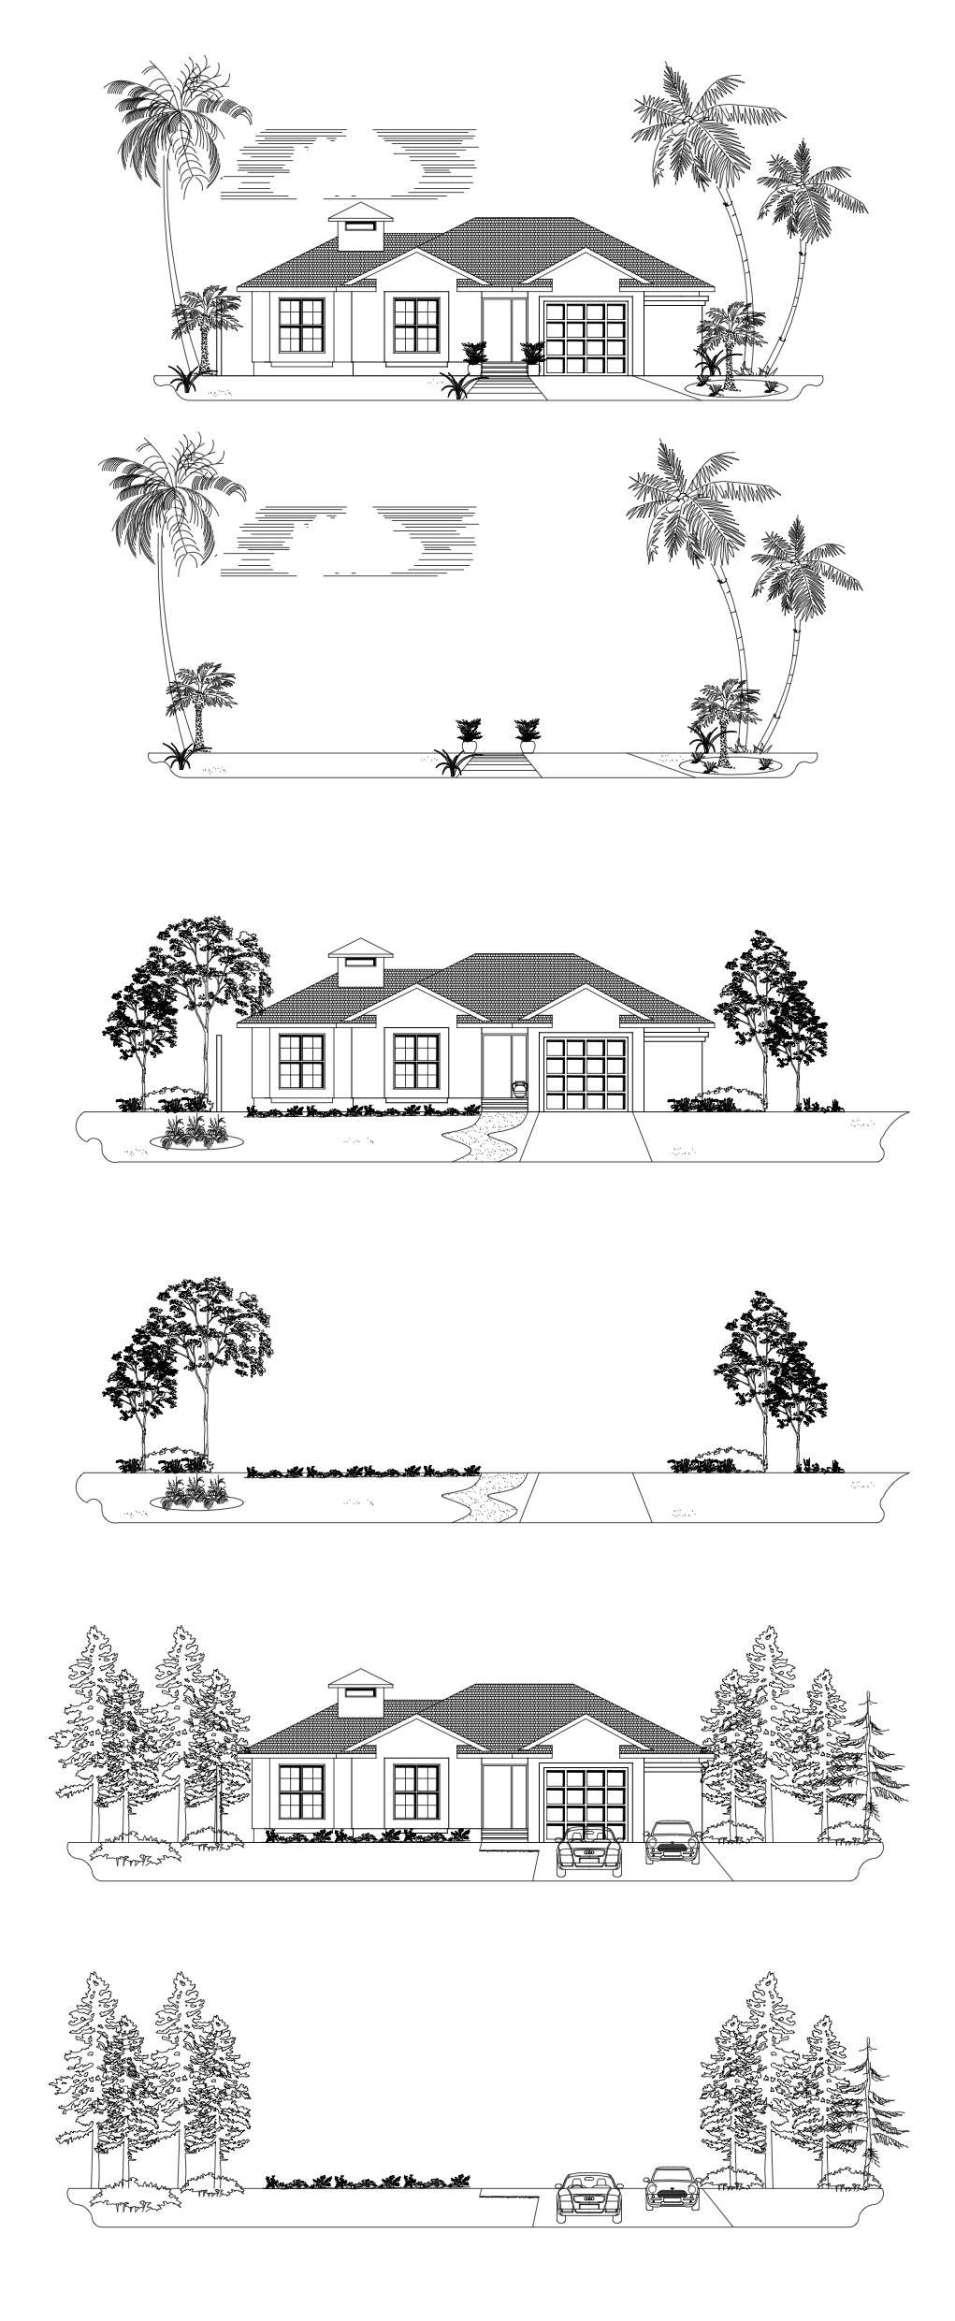 cad block elevations